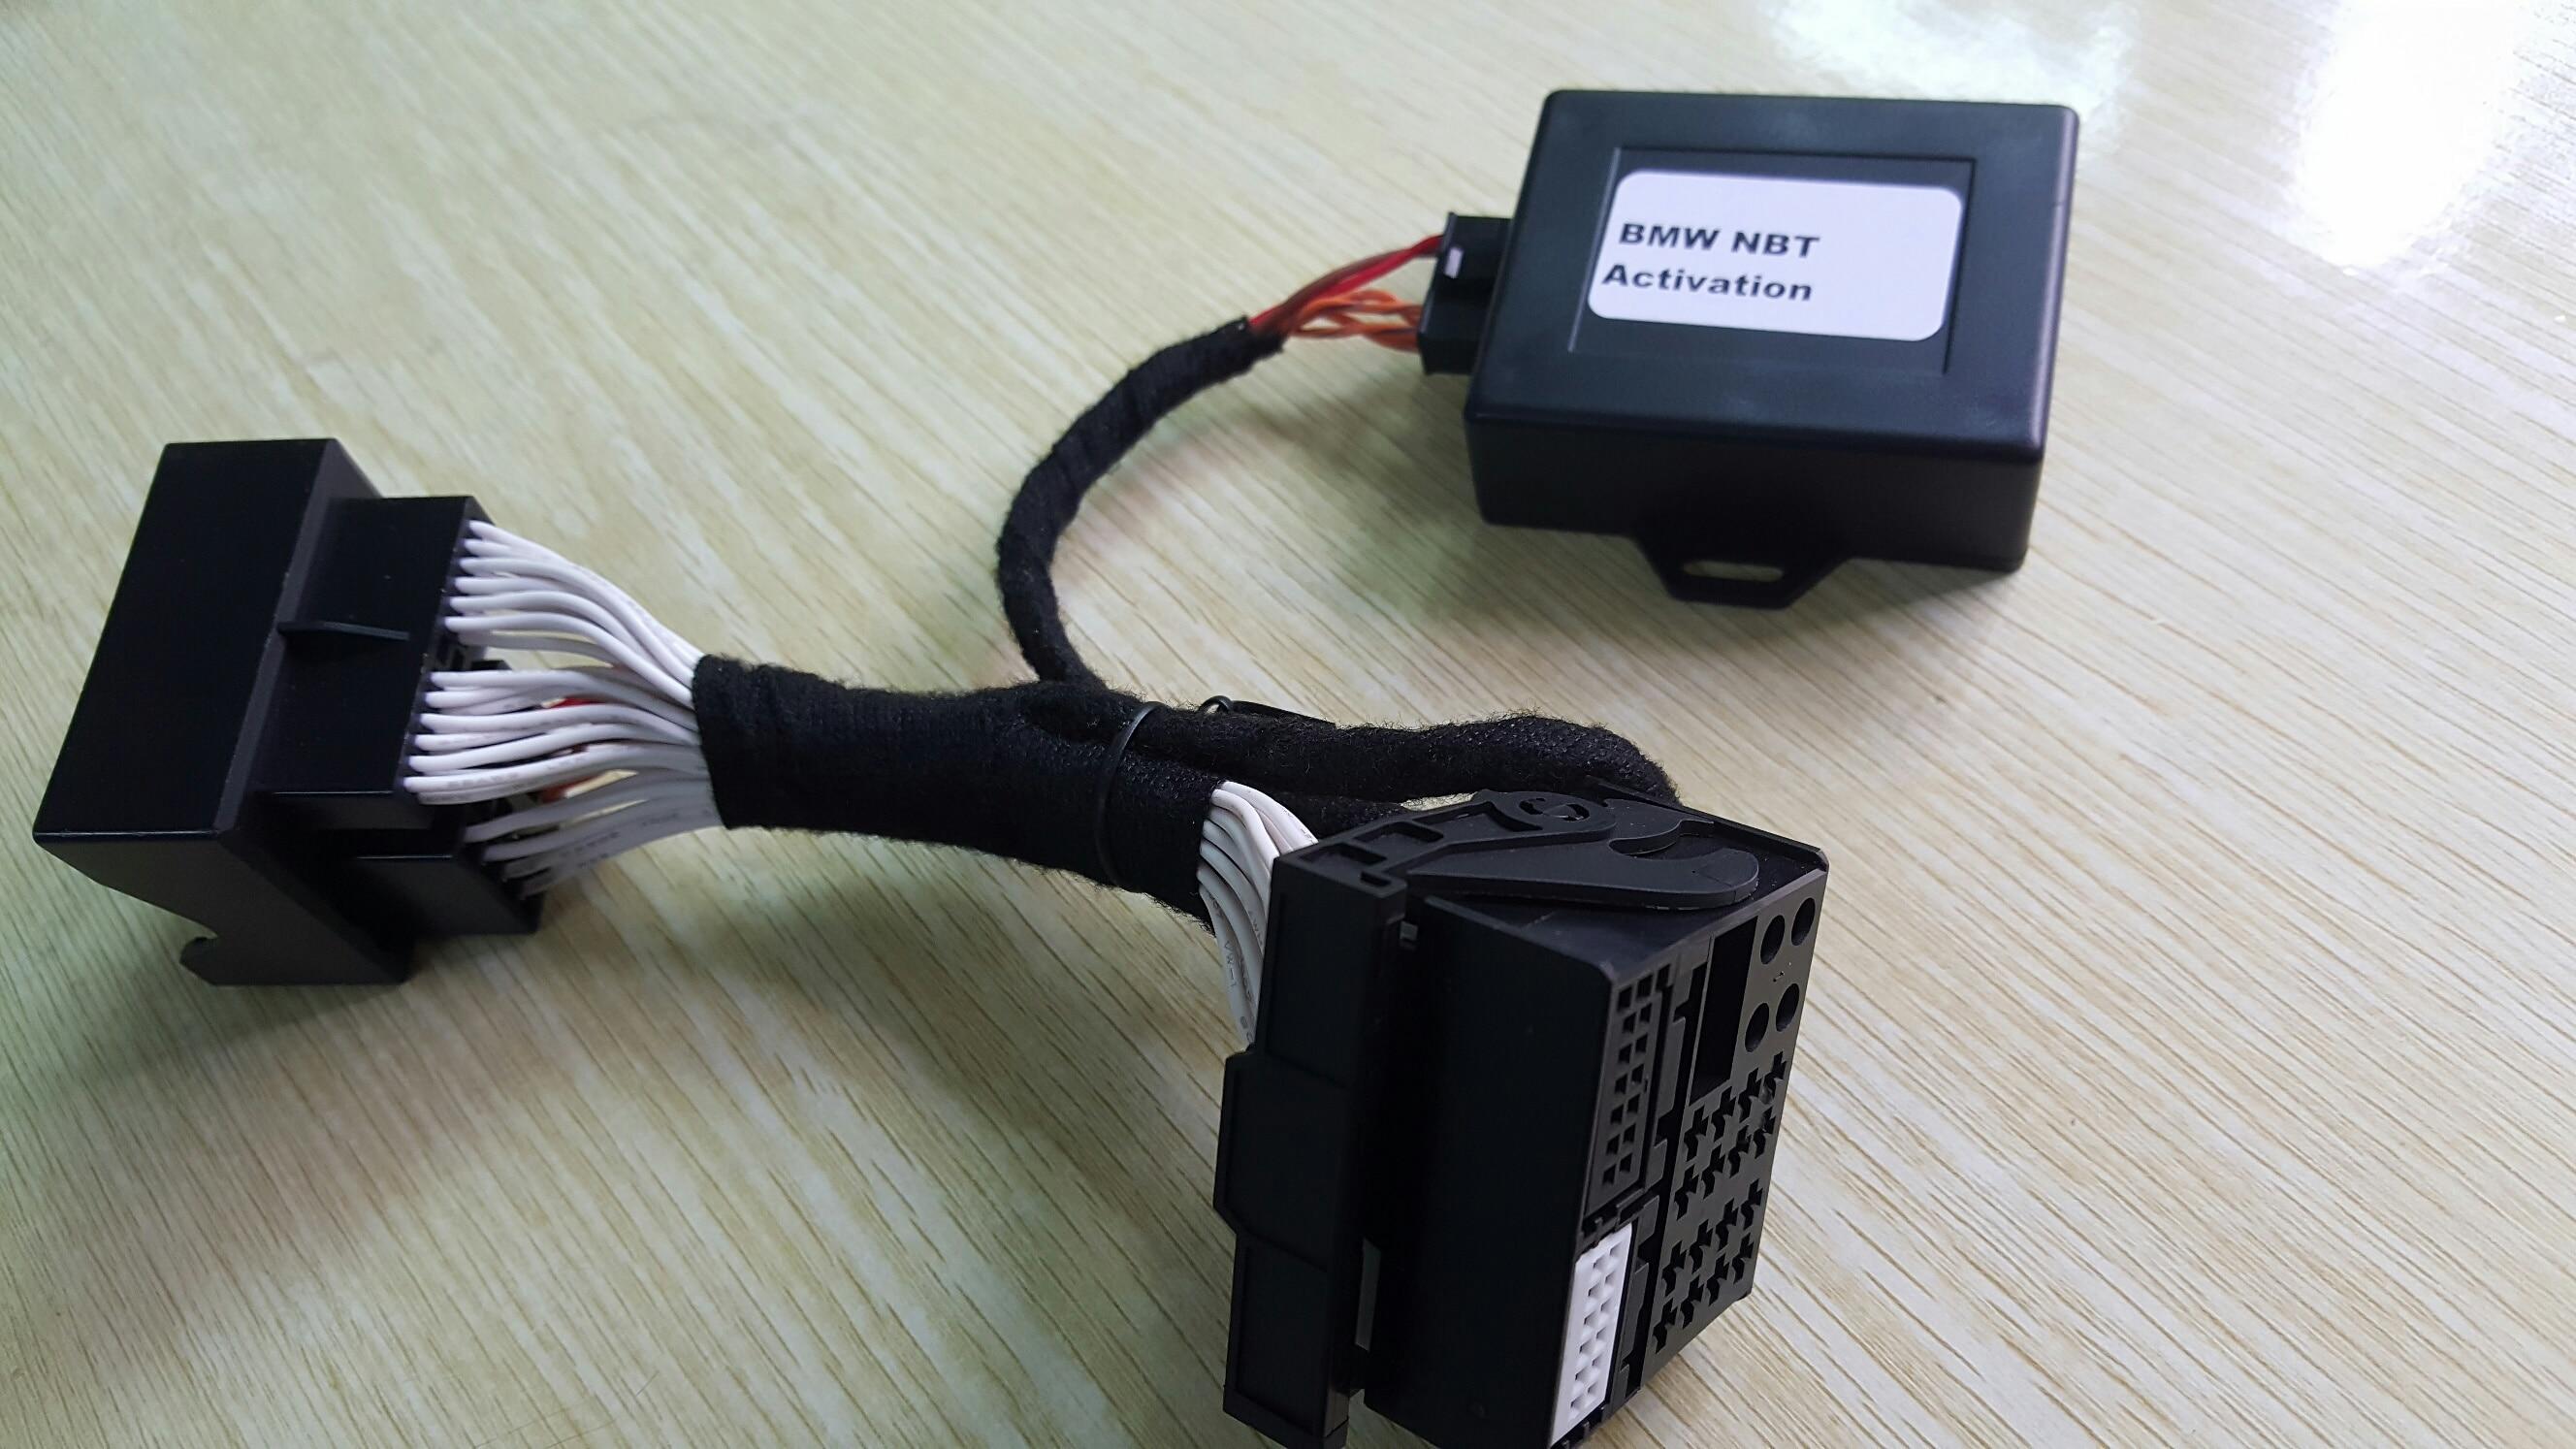 ل BMW EVO (NBT2) TV فيديو مجاني في الحركة محول واجهة ل F20/F30/F15/G11/G30-في كابلات و موصلات بطاريات من السيارات والدراجات النارية على remoteexpert locksmith Store